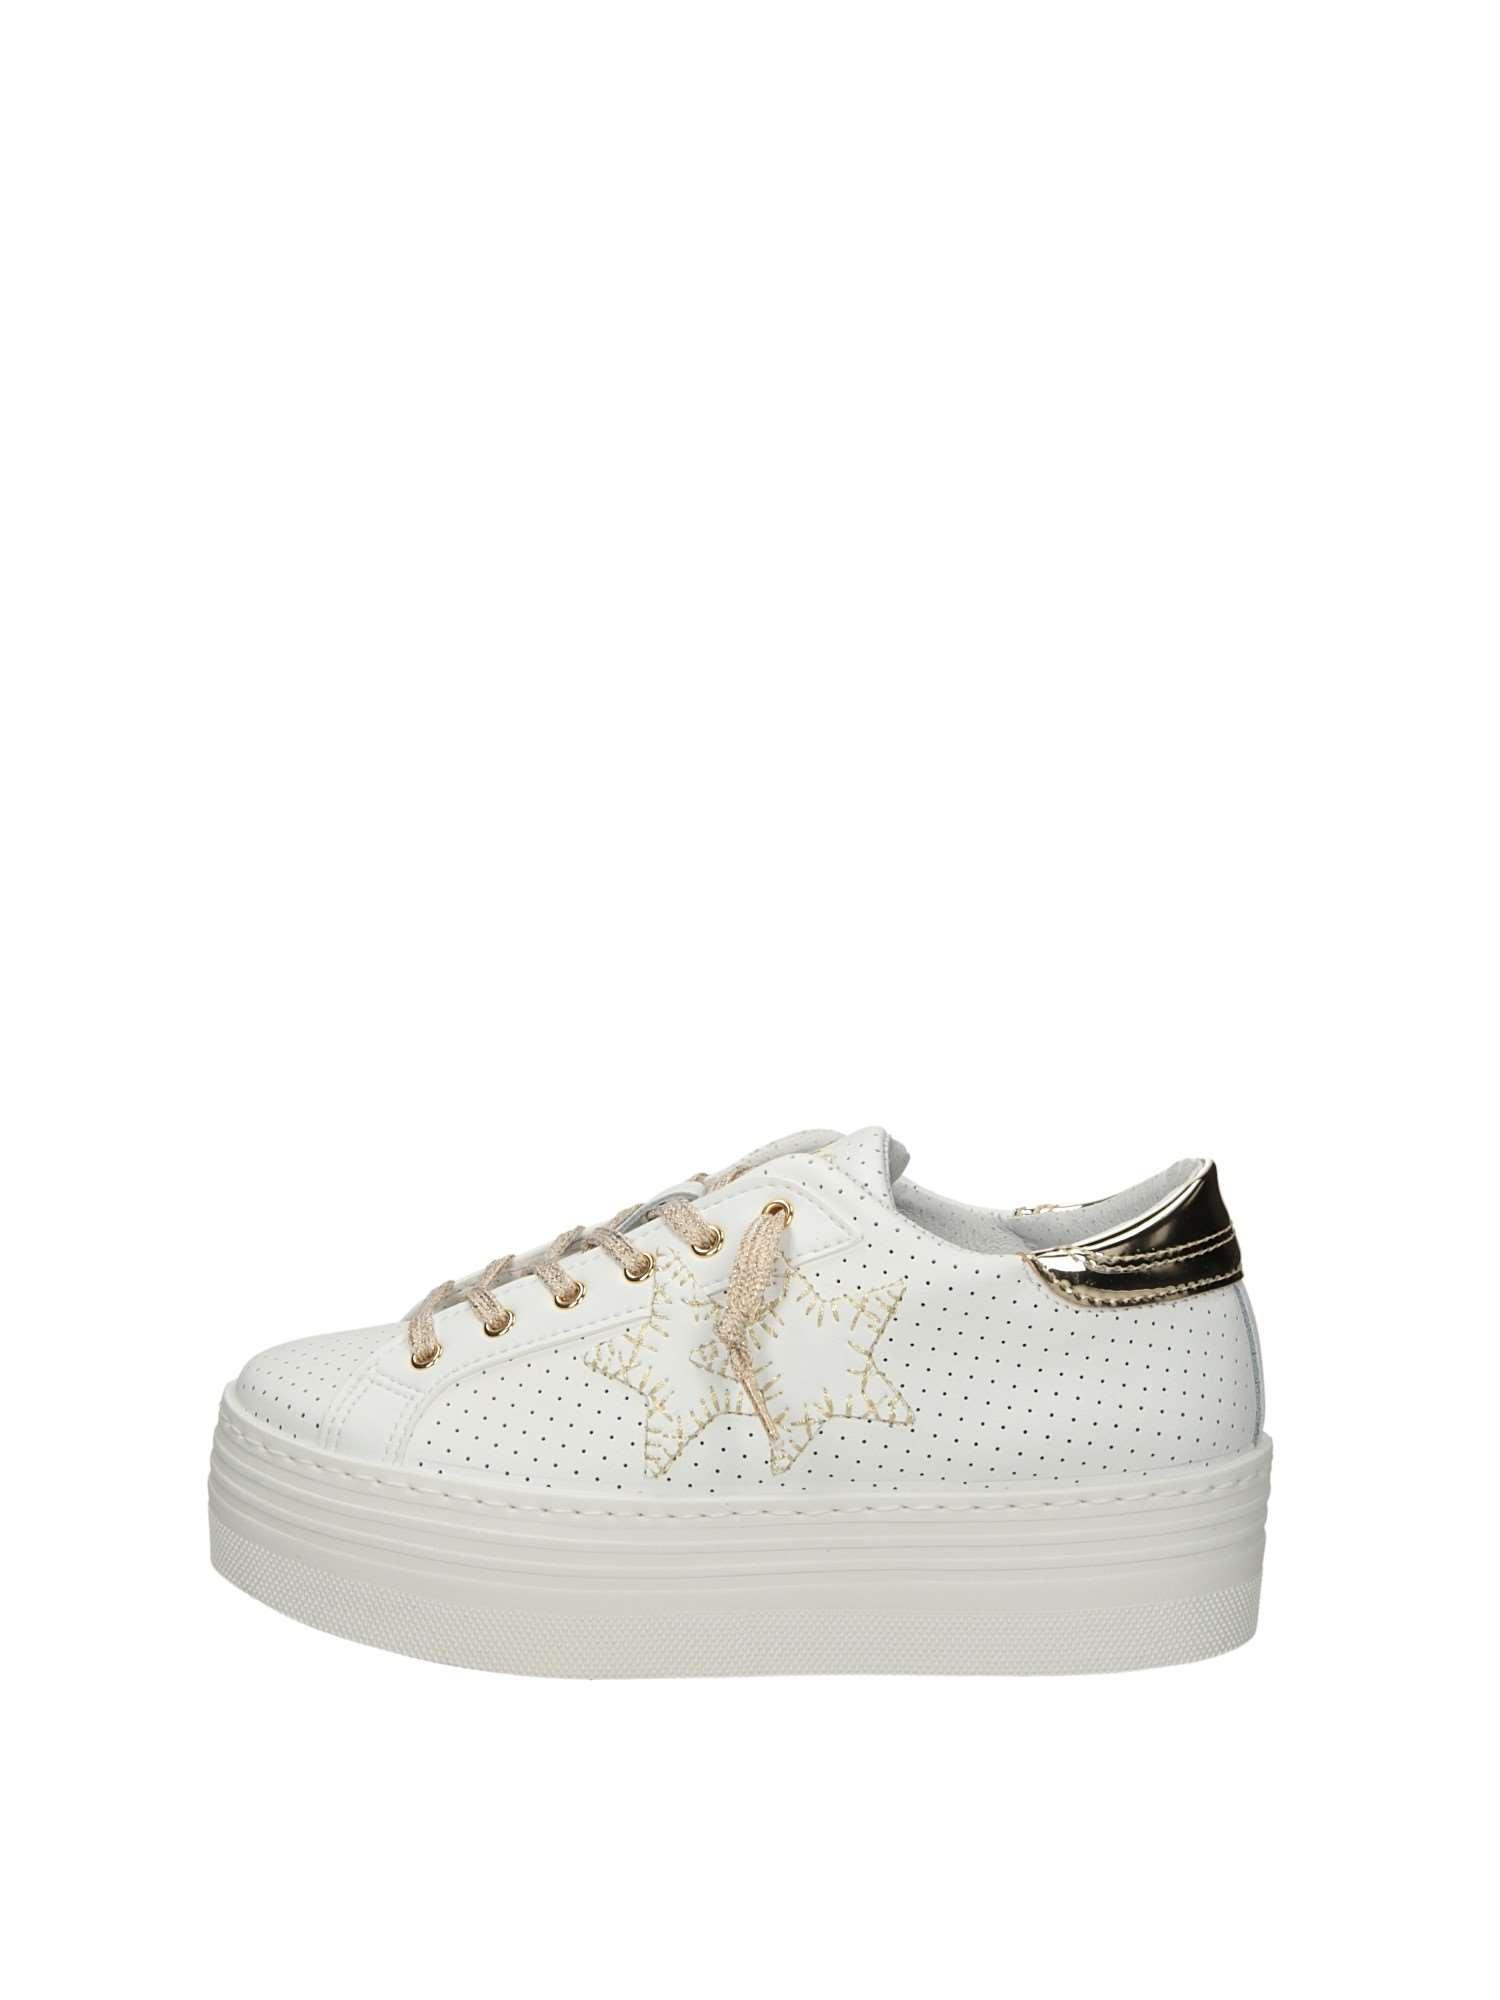 2star 1451 Bianco Oro Scarpe Donna Sneakers 7936f7054f7